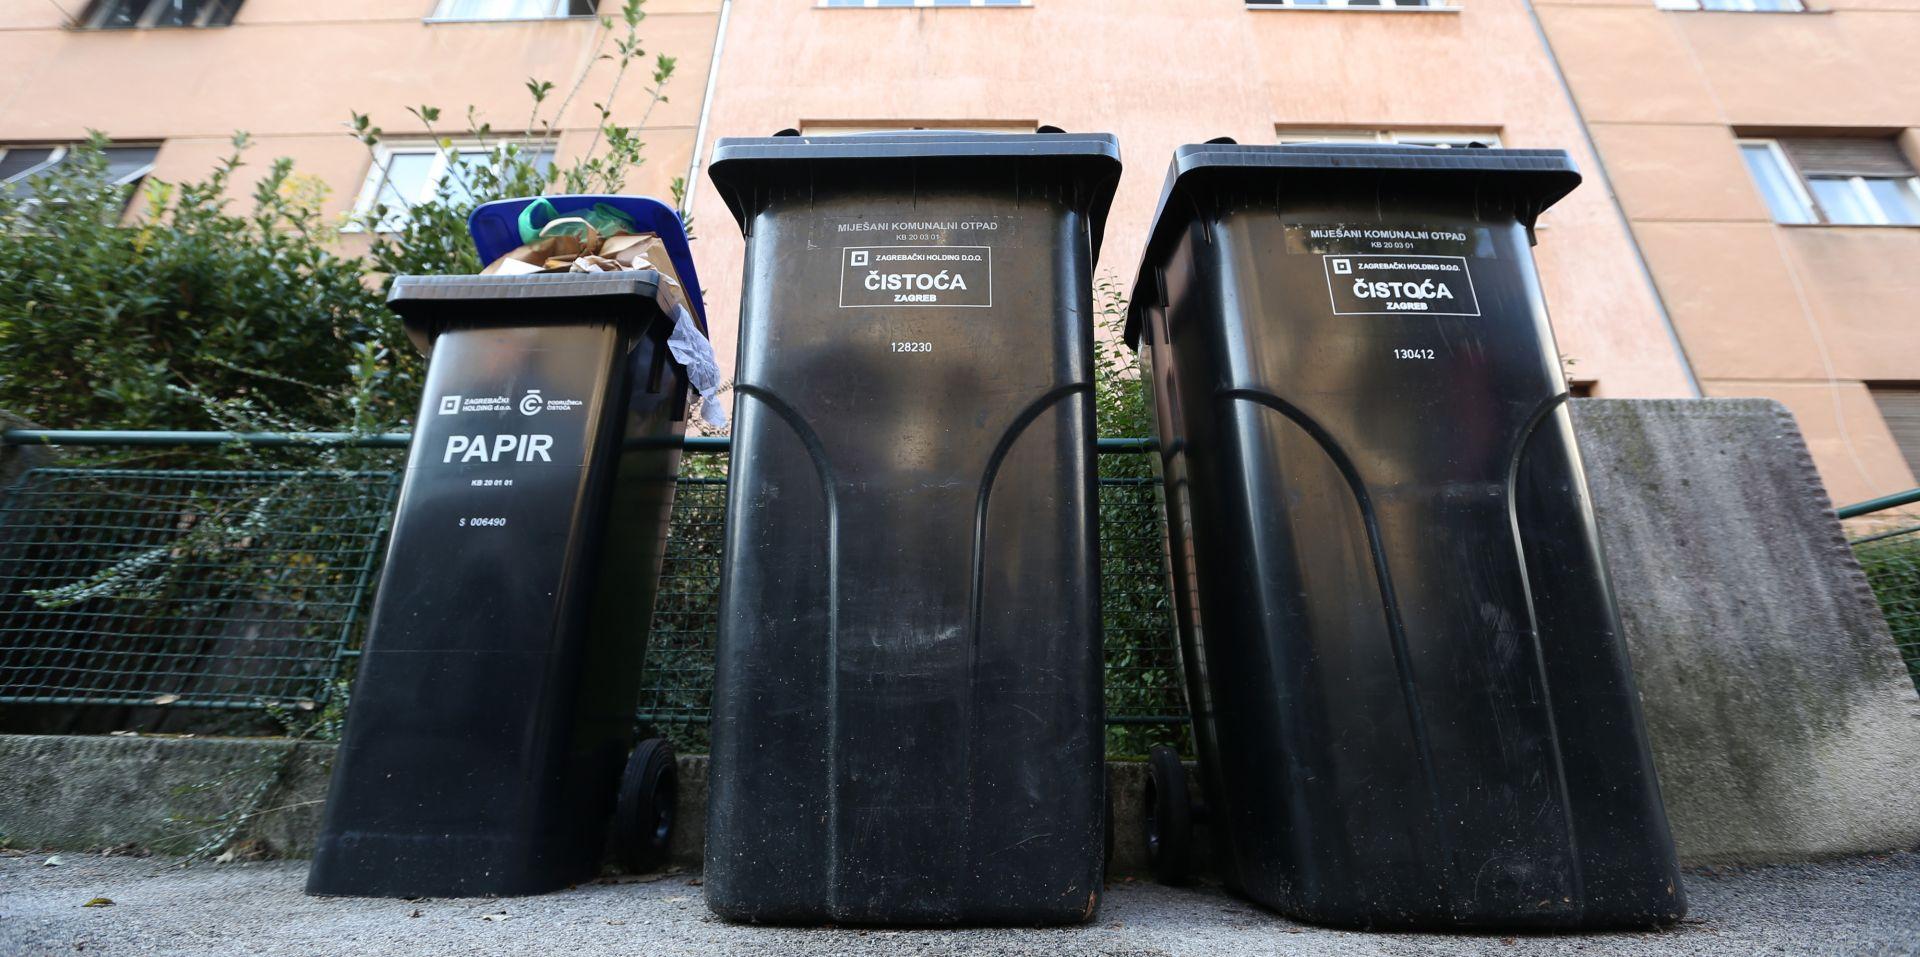 MOGU TUŽITI HOLDING Zagrepčani nezakonito plaćali prikupljanje i odvoz smeća